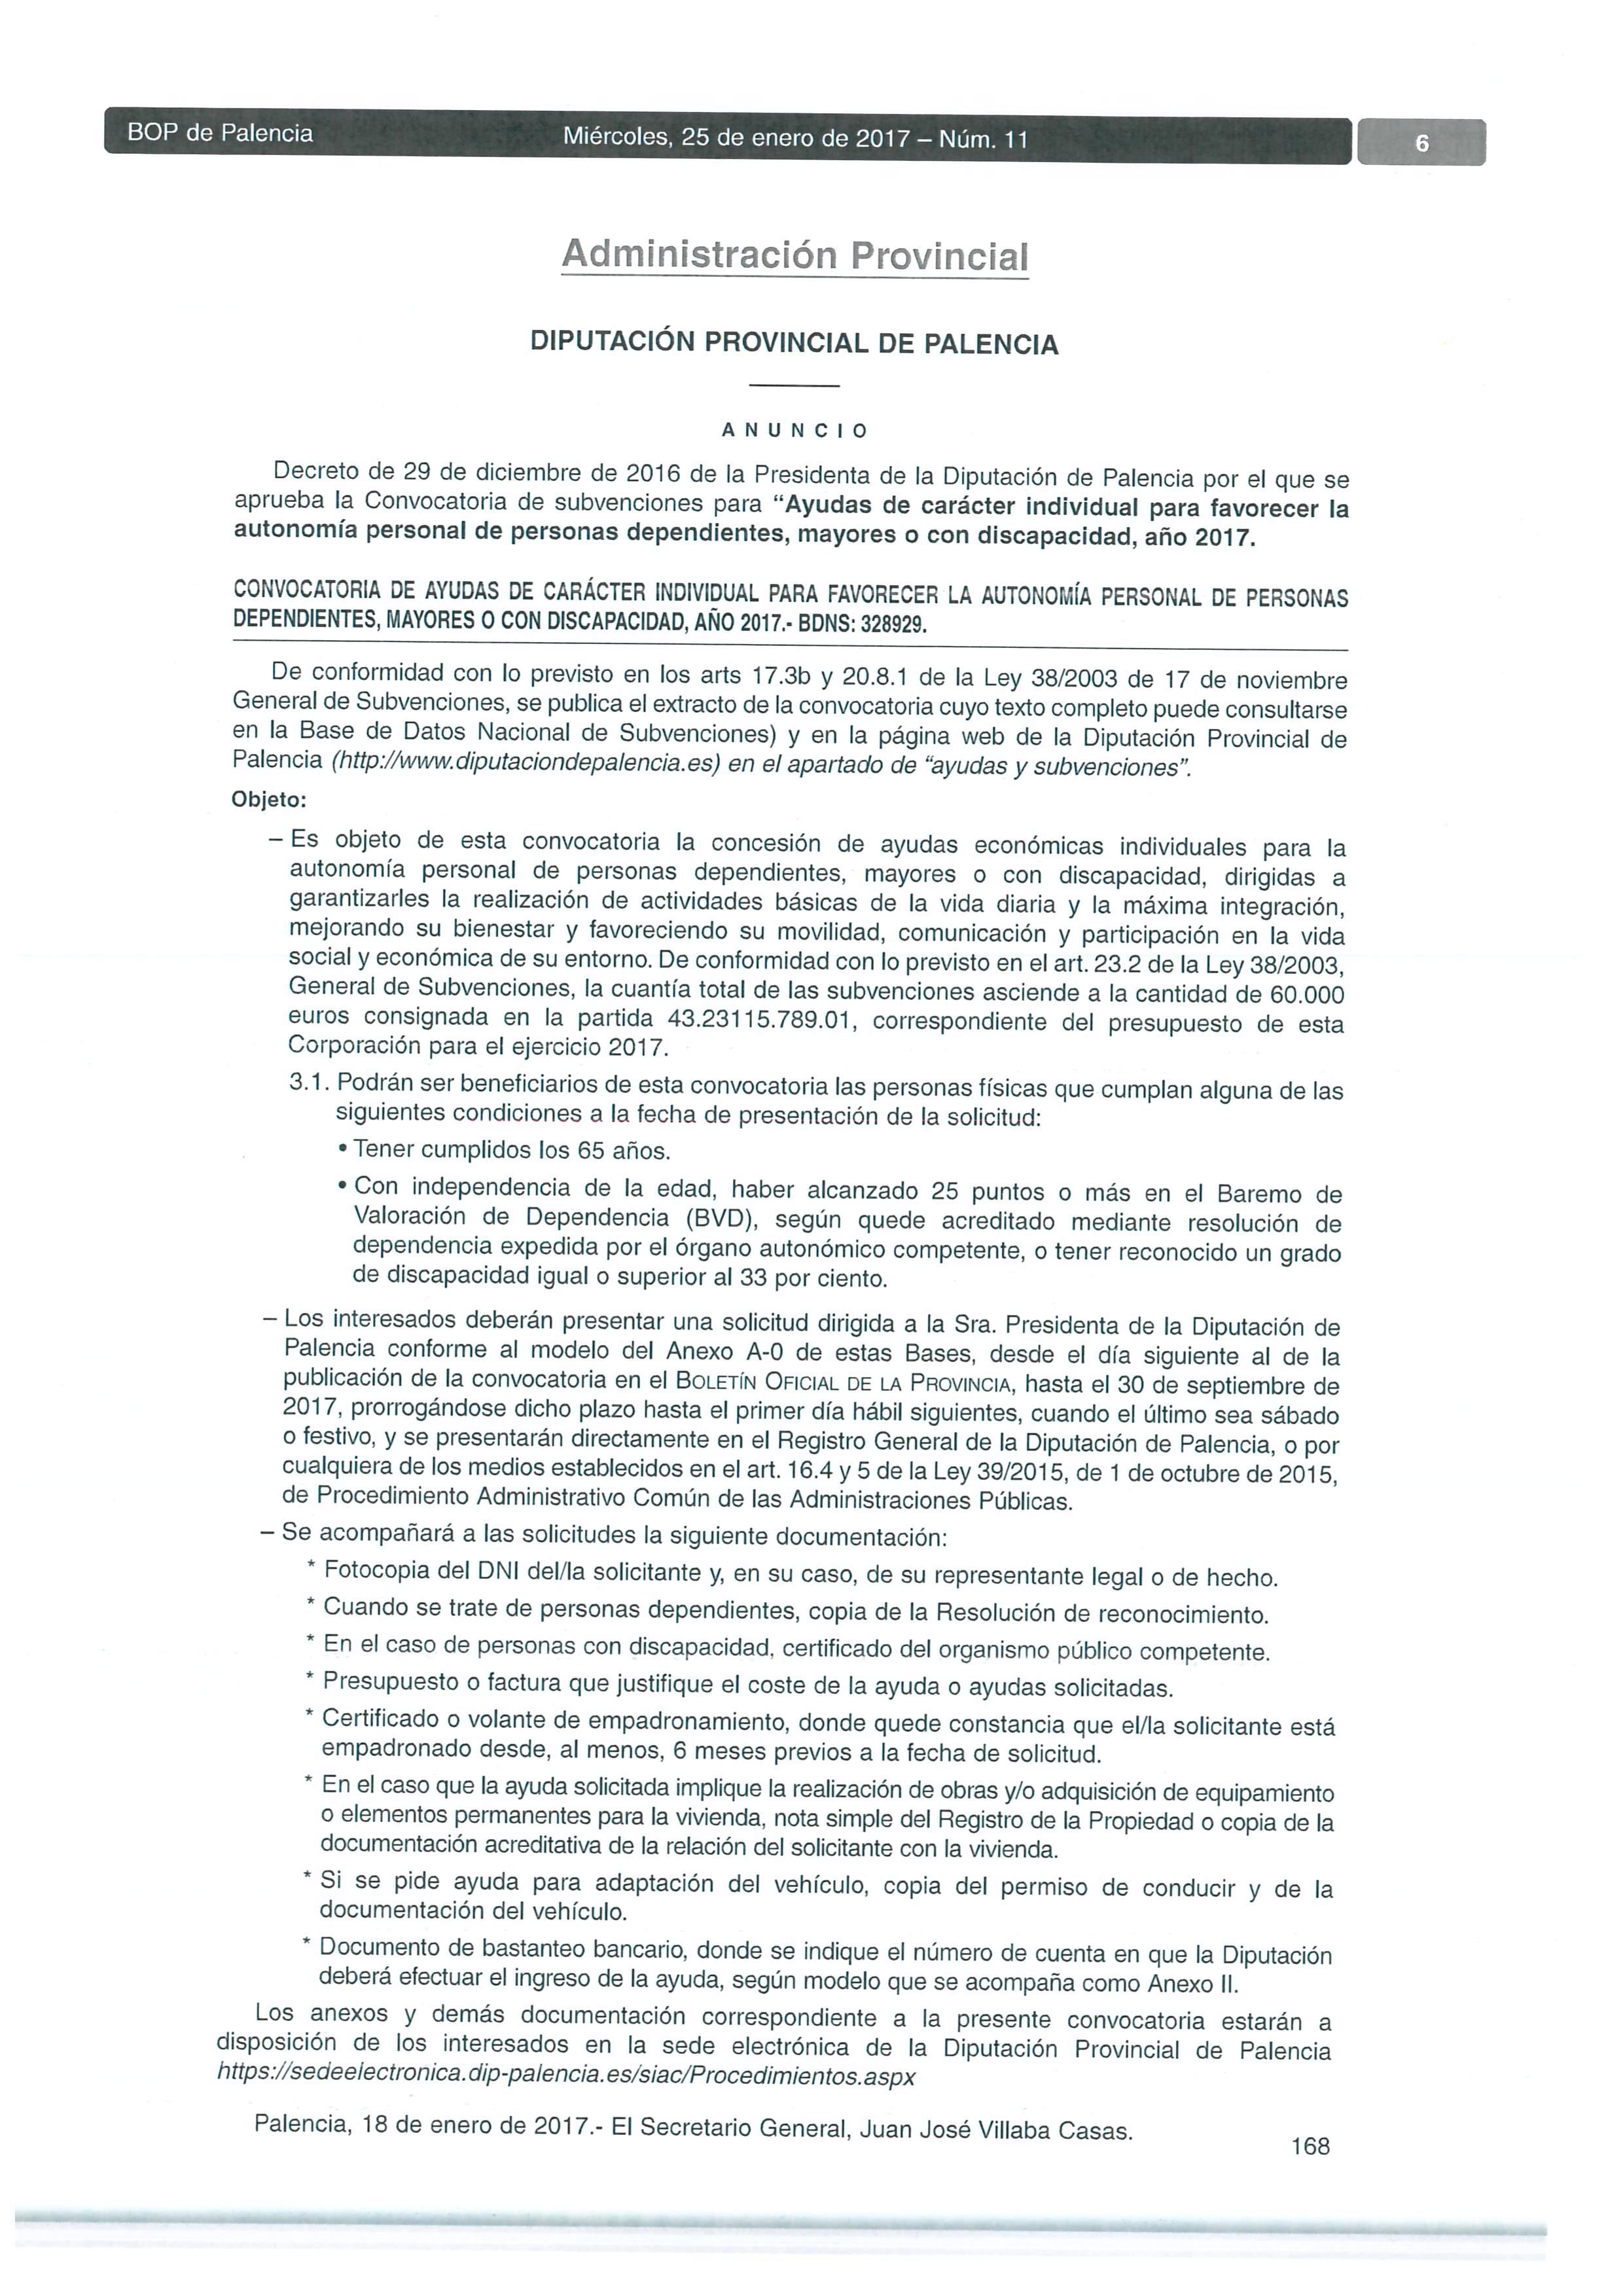 CONVOCATORIA DE AYUDAS DE CARÁCTER INDIVIDUAL PARA FAVORECER LA AUTONOMÍA PERSONAL DE PERSONAS DEPENDIENTES, MAYORES O CON DISCAPACIDAD, AÑO 2017